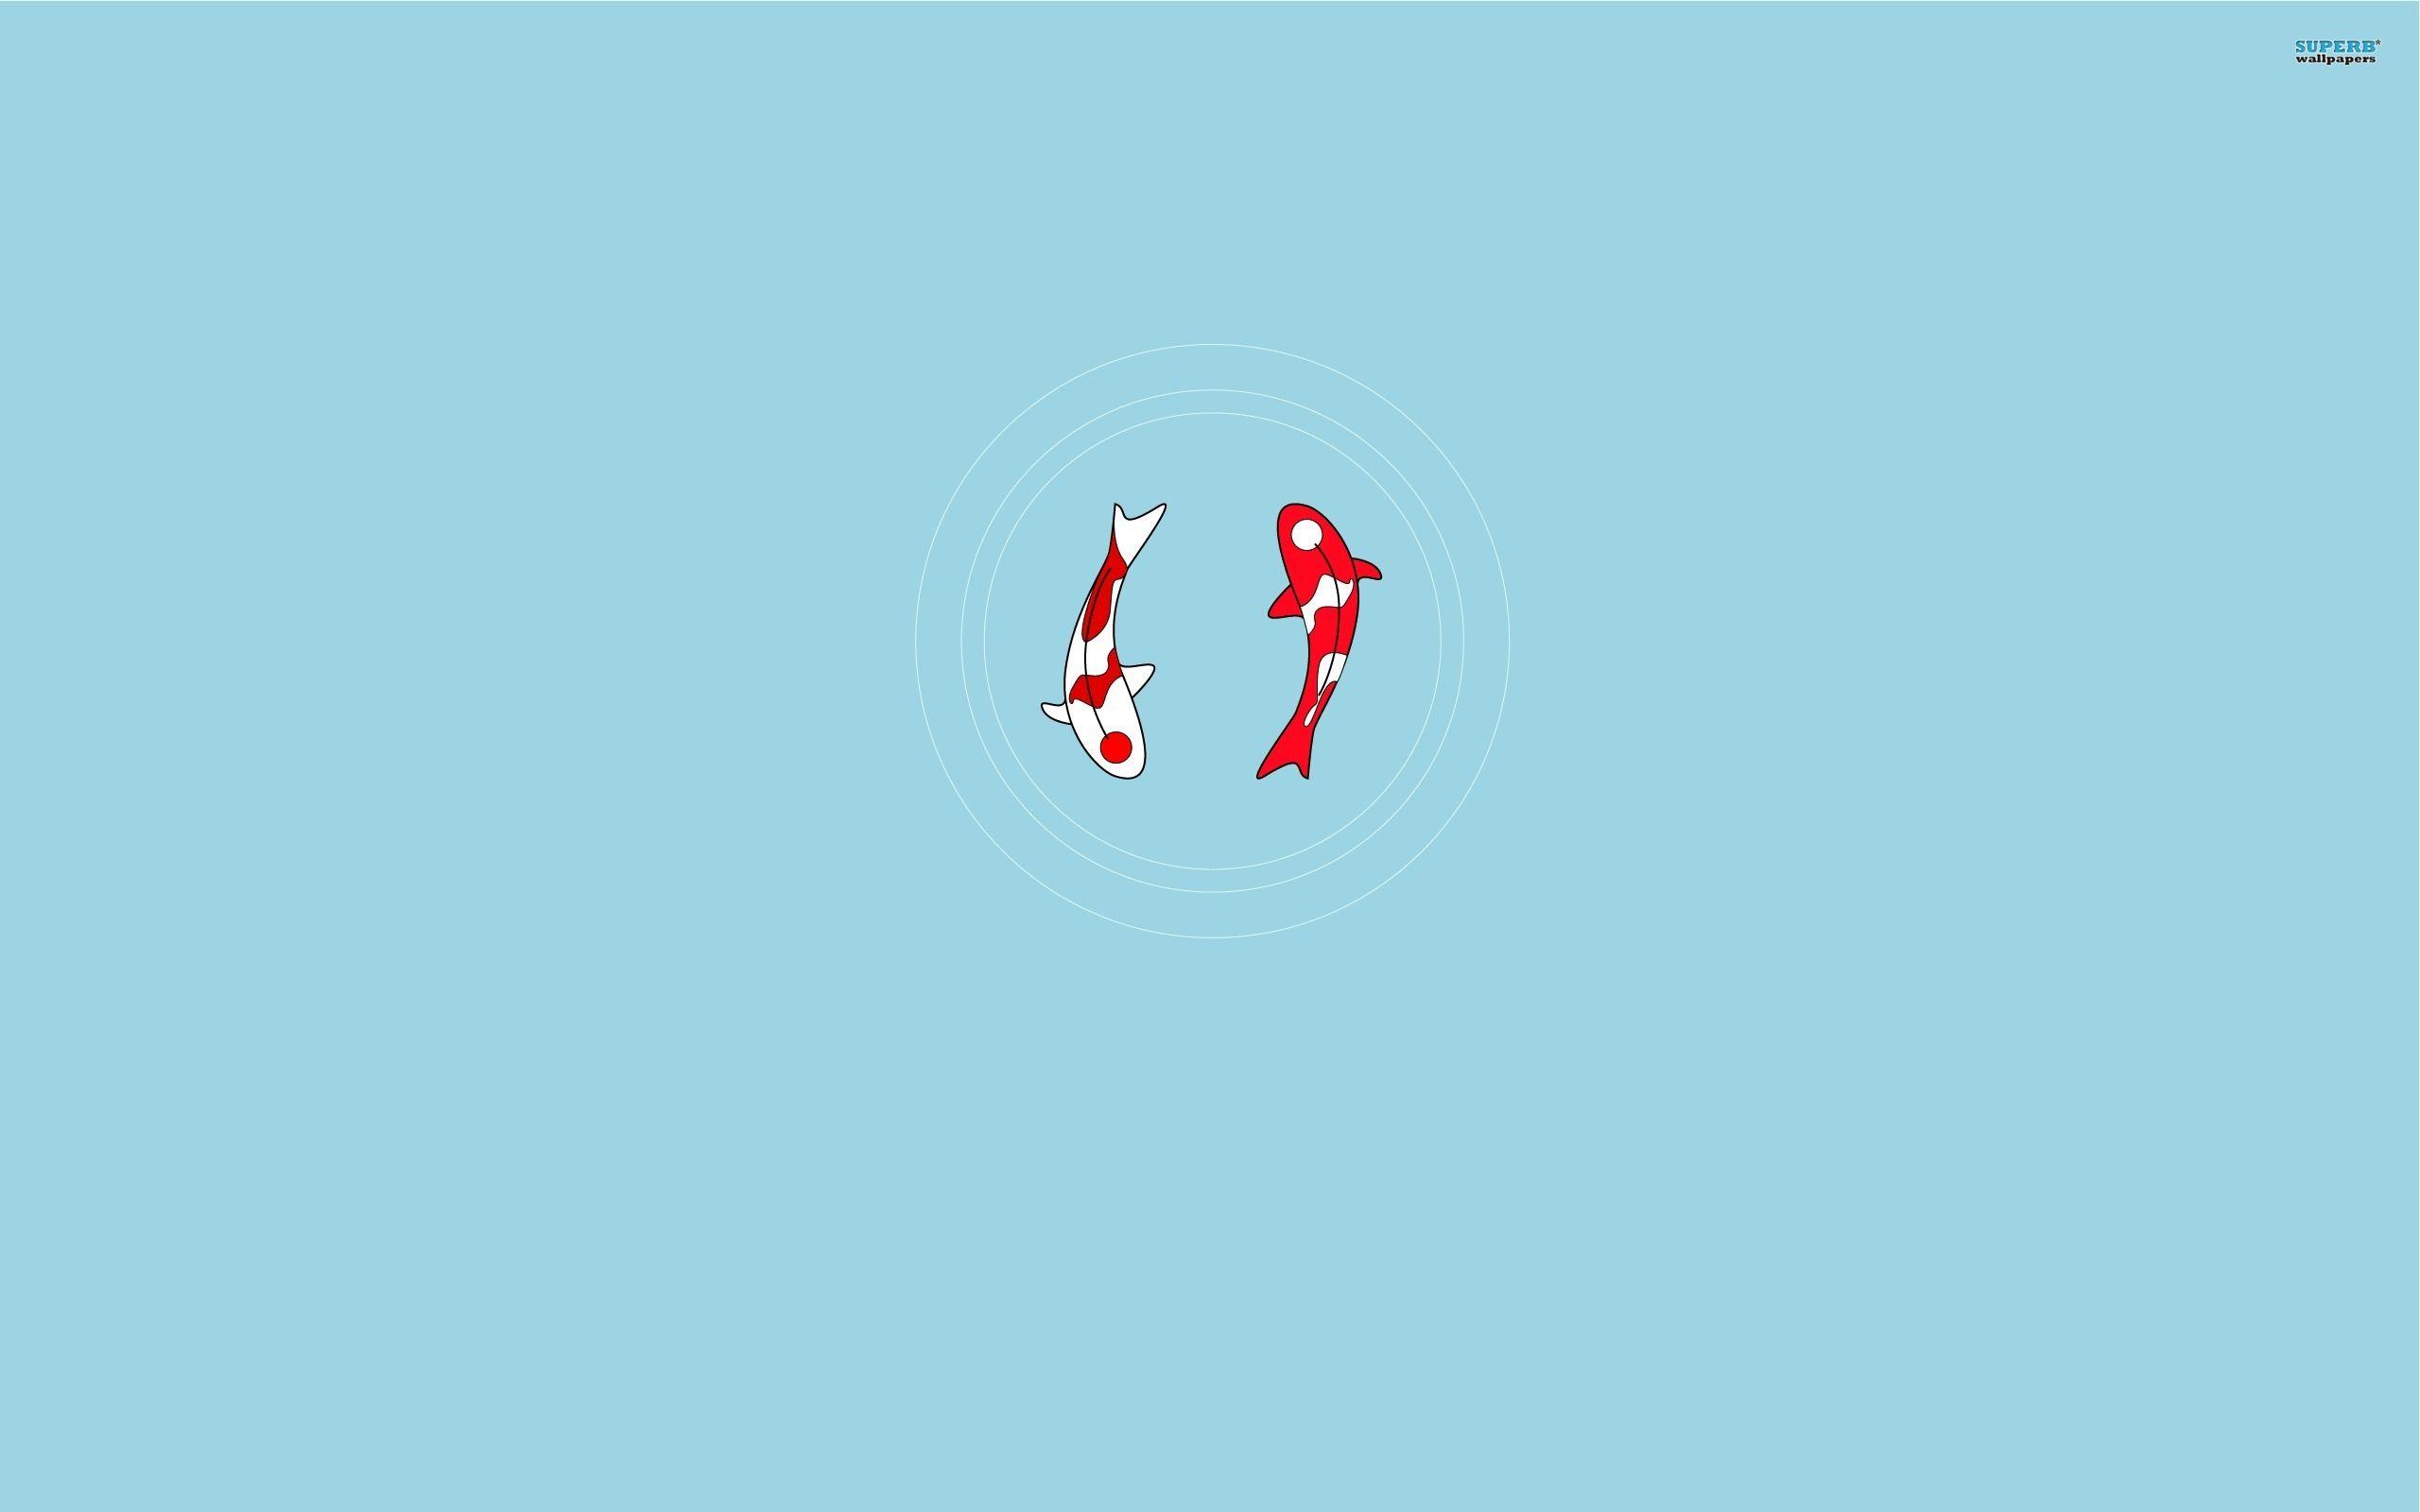 Koi Fish Yin Yang Minimalistic 2560x1600 Wallpaper349656 Jpg 2560 1600 Koi Wallpaper Fish Wallpaper Iphone Yin Yang Koi